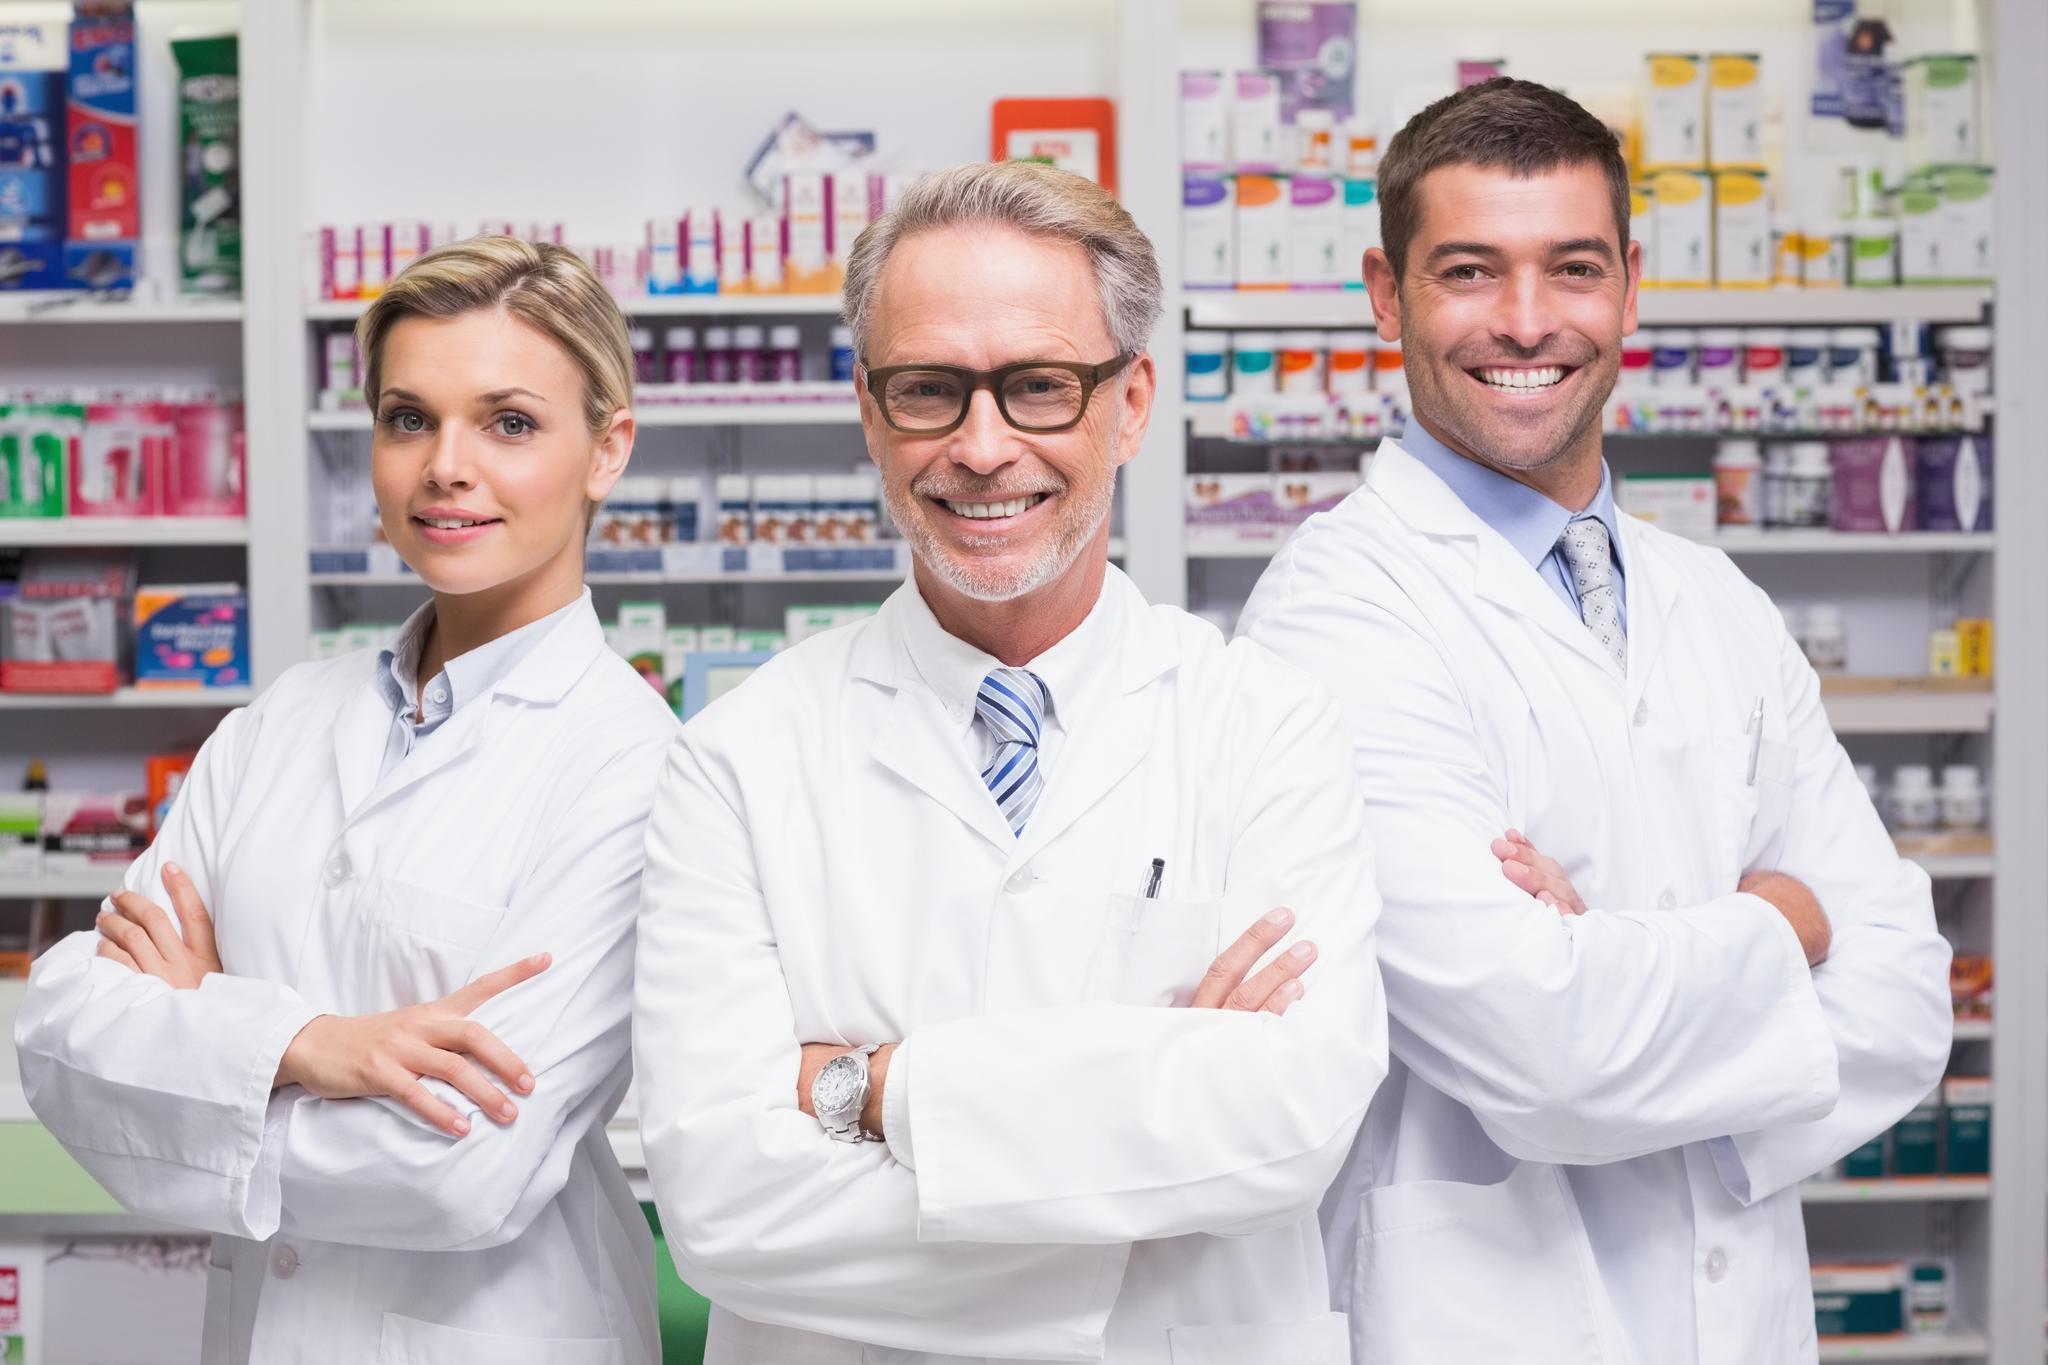 eine Apothekerin und zwei Apotheker stehen vor einem Regal und lächeln